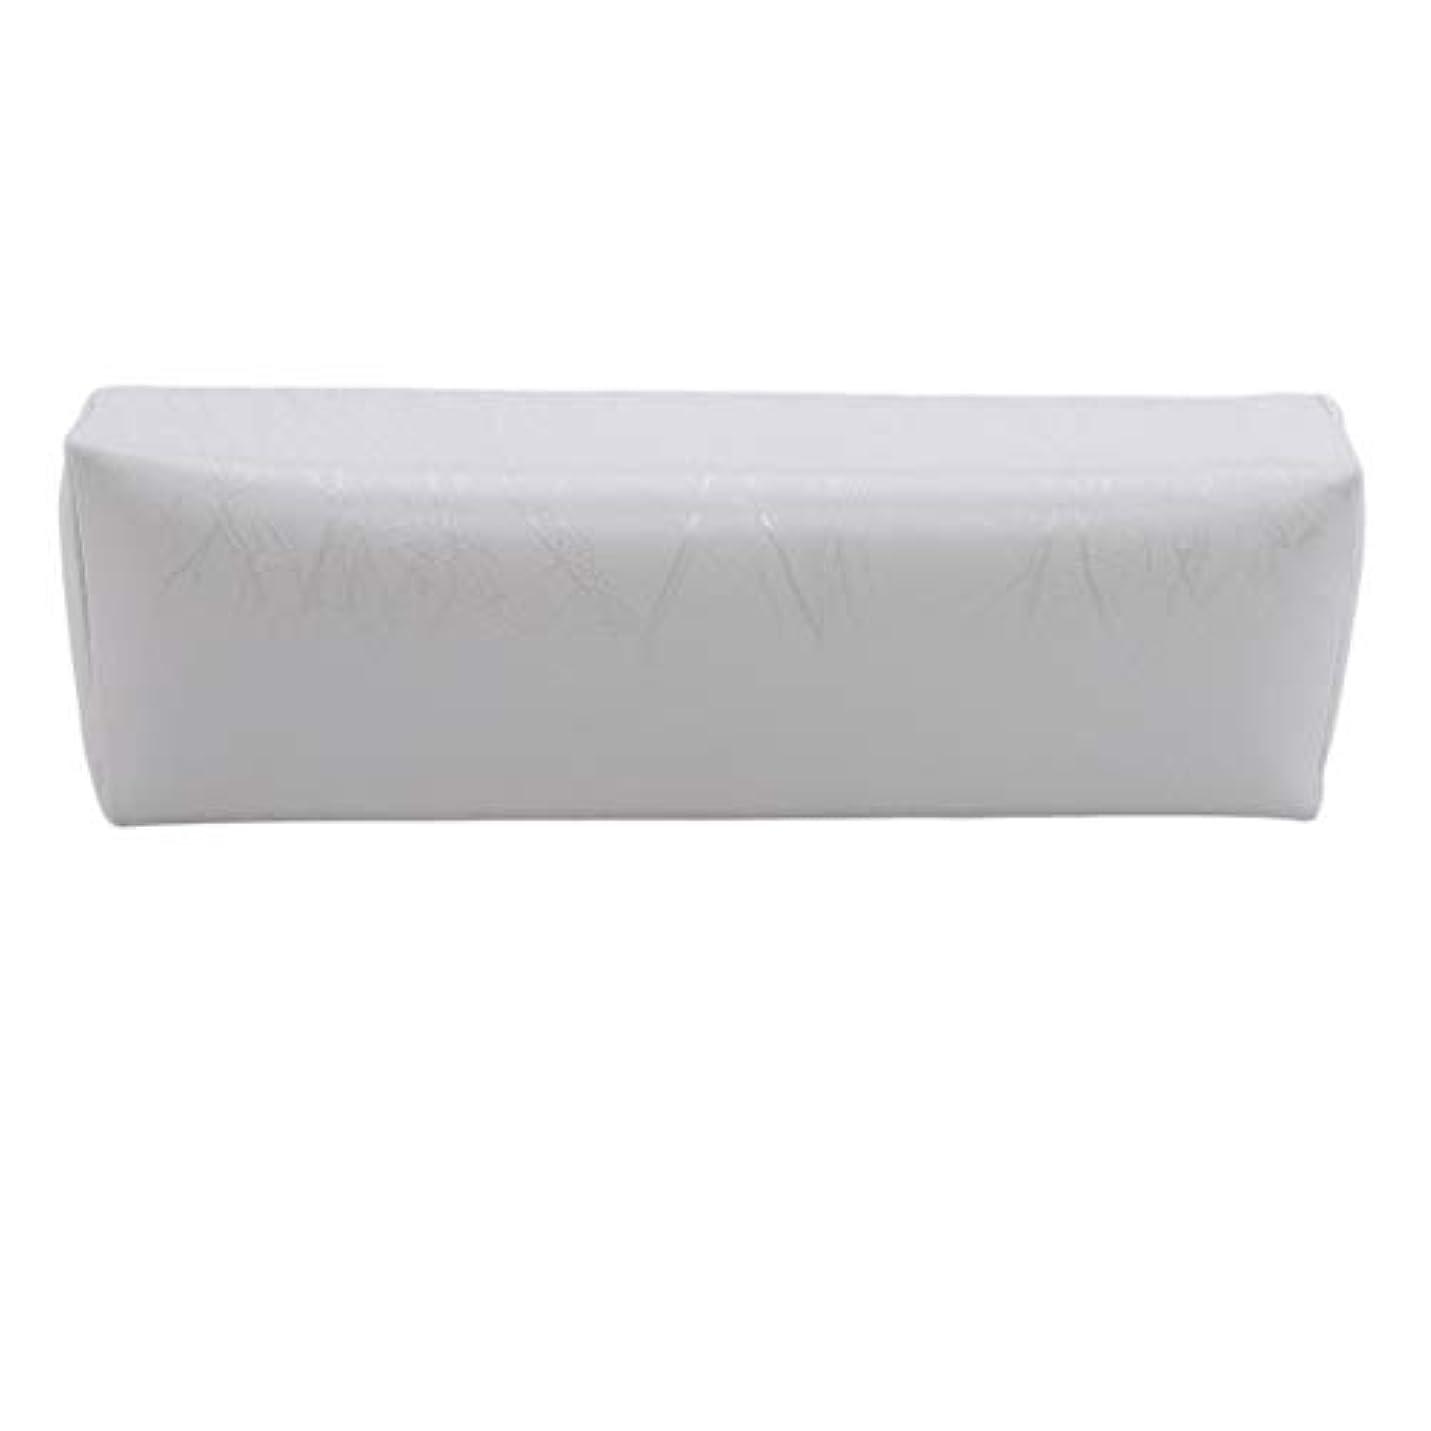 医学ステープルオーバーランHKUN プロのネイルアートツール ケアツール 洗える 手枕クッション ネイルアートホルダー ソフトアームレスト用 ネイルケア用 マニキュアネイル用品 白色